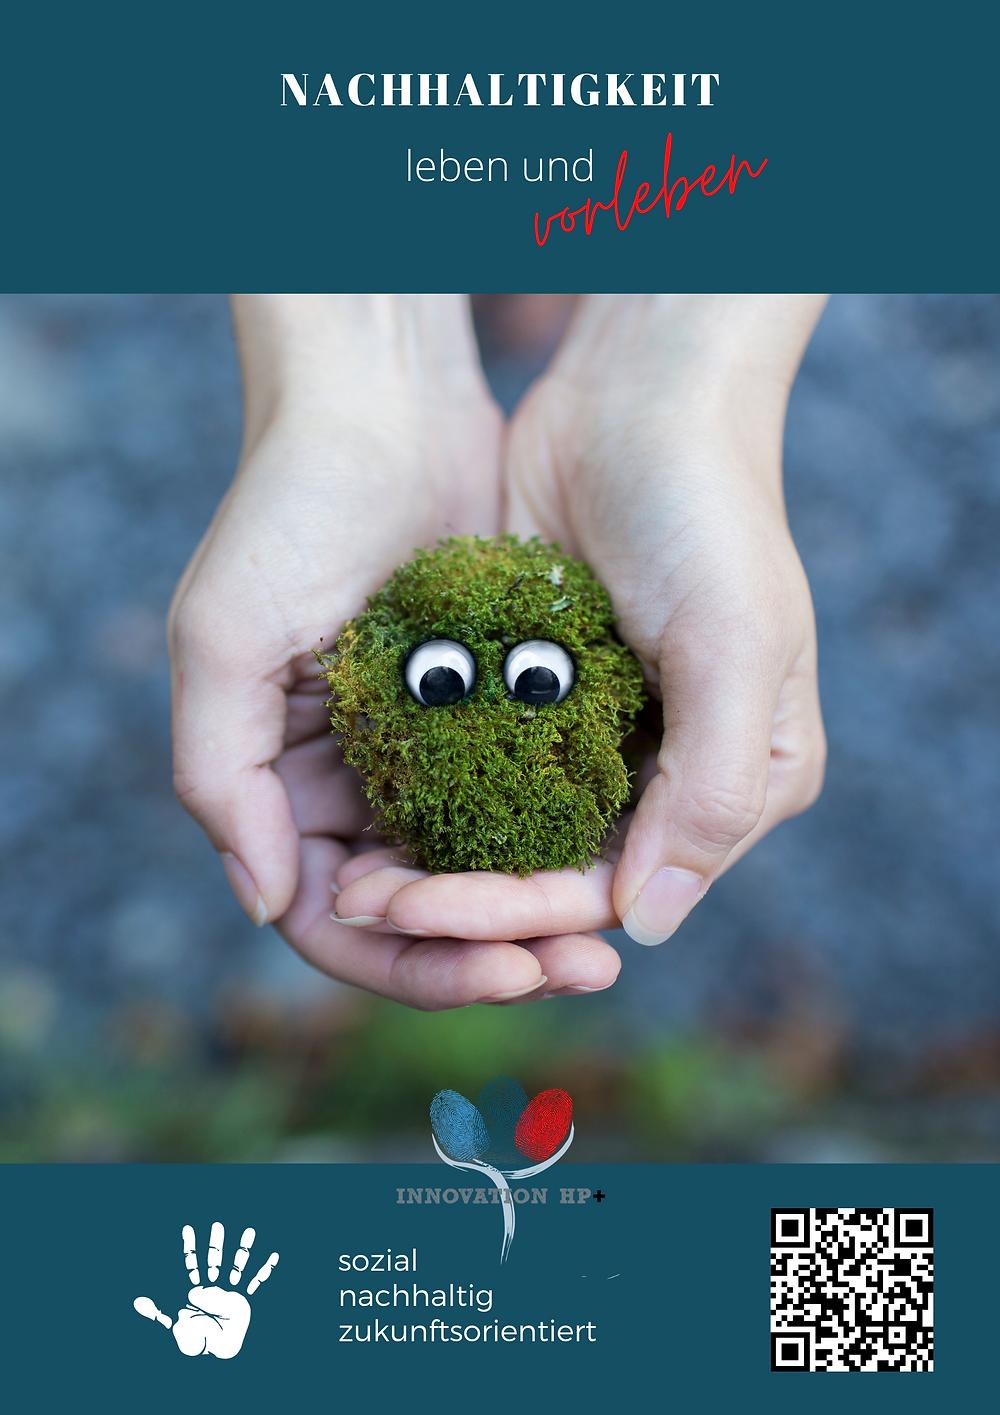 """Zwei Hände halten Moos, in dem zwei Augenpaare einen anblicken. Auf dem Plakat steht """"Nachhaltigkeit leben und vorleben""""."""